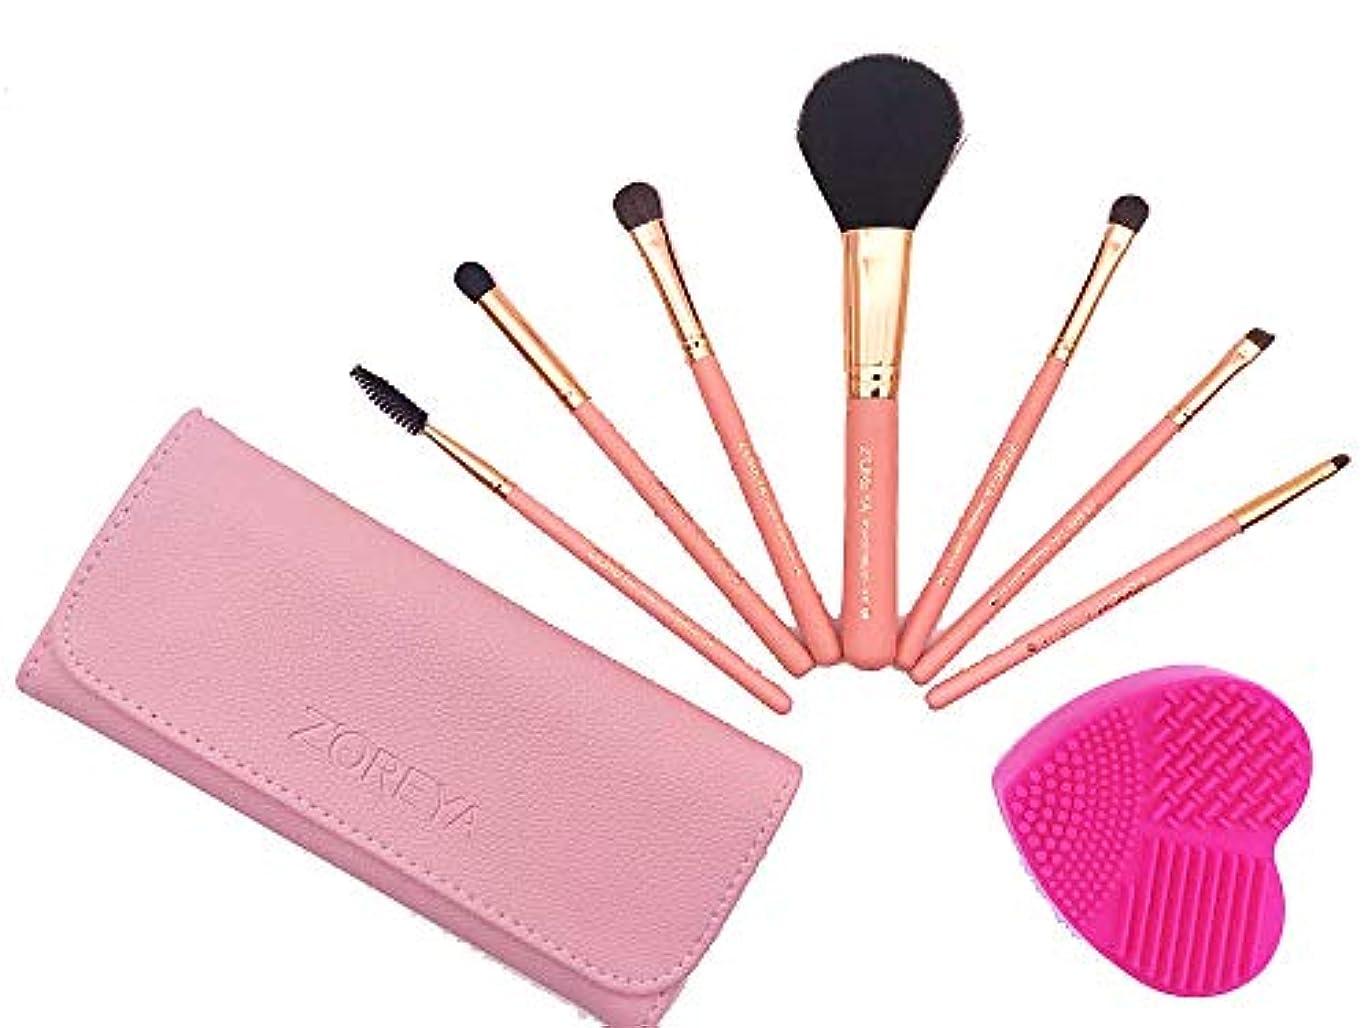 すでにテンポアプローチ化粧ブラシセット 化粧筆 メイクブラシセット 7本セット+洗濯板 コスメ ブラシ 専用の化粧ポーチ付き、携帯便利、女性への贈り物  (ピンク)